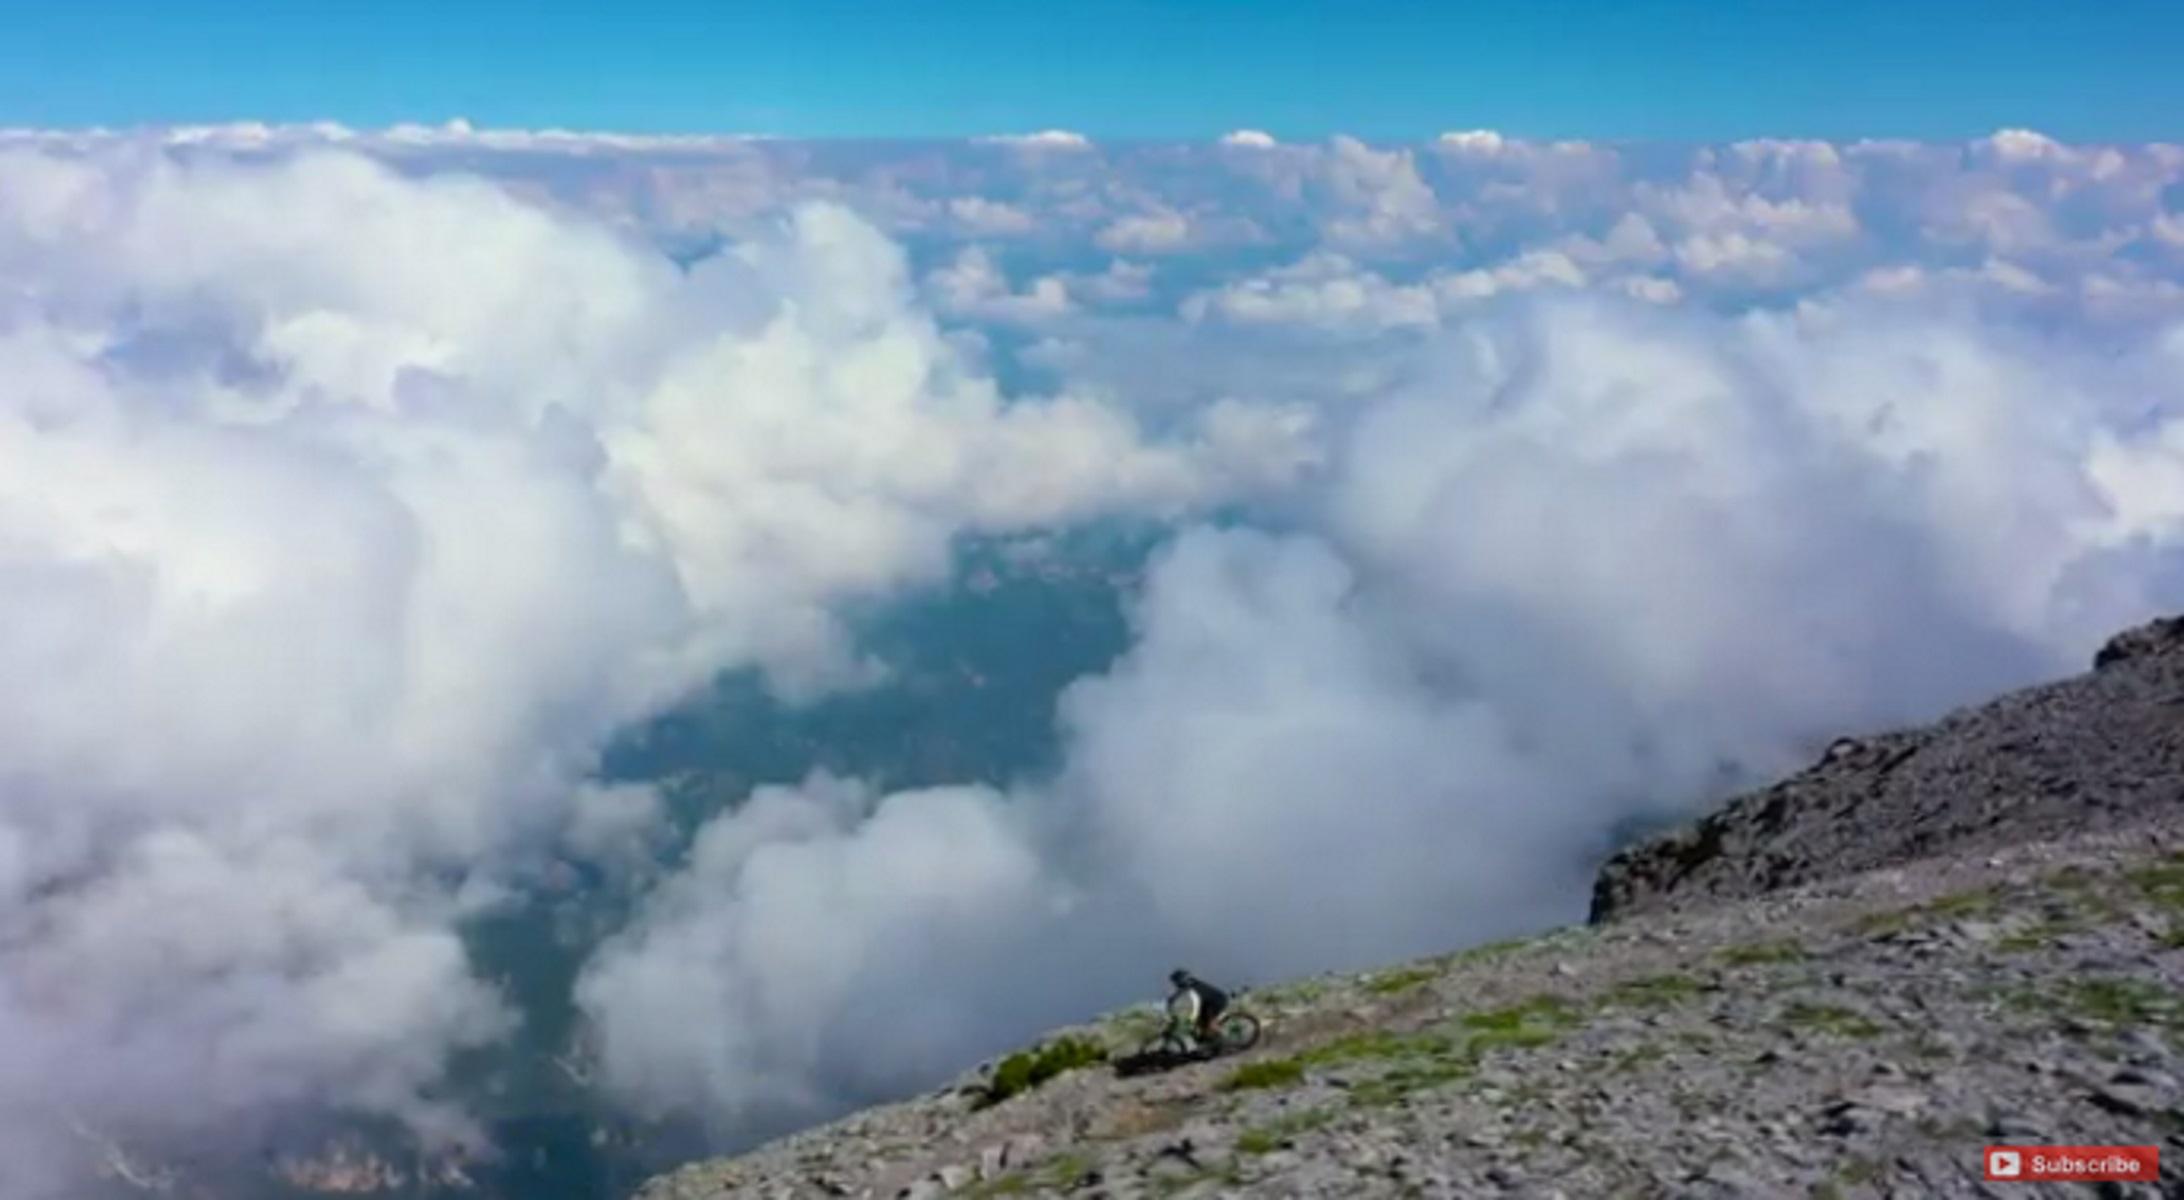 Όλυμπος: Σκοτώθηκε ορειβάτης σε ένα σημείο καταραμένο! Έπεσε νεκρός στη θέση Λούκι